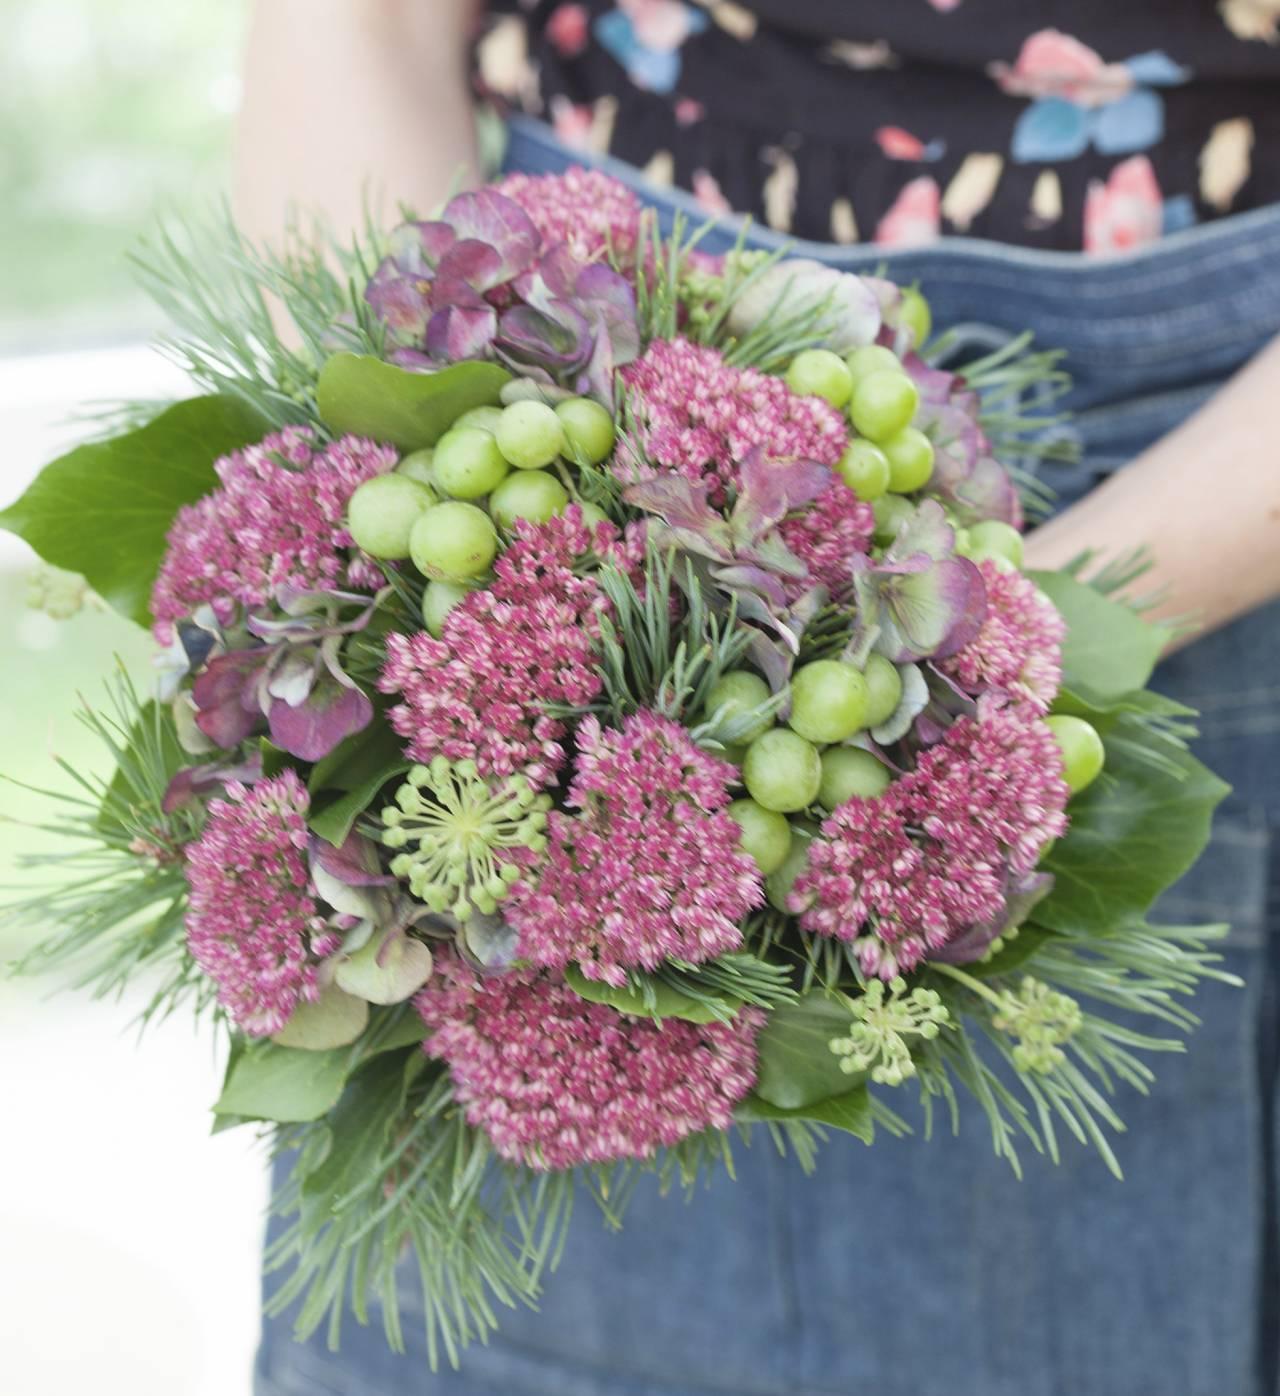 Höstbukett med röna vindruvor, kärleksört, murgrönans blommor och hortensia